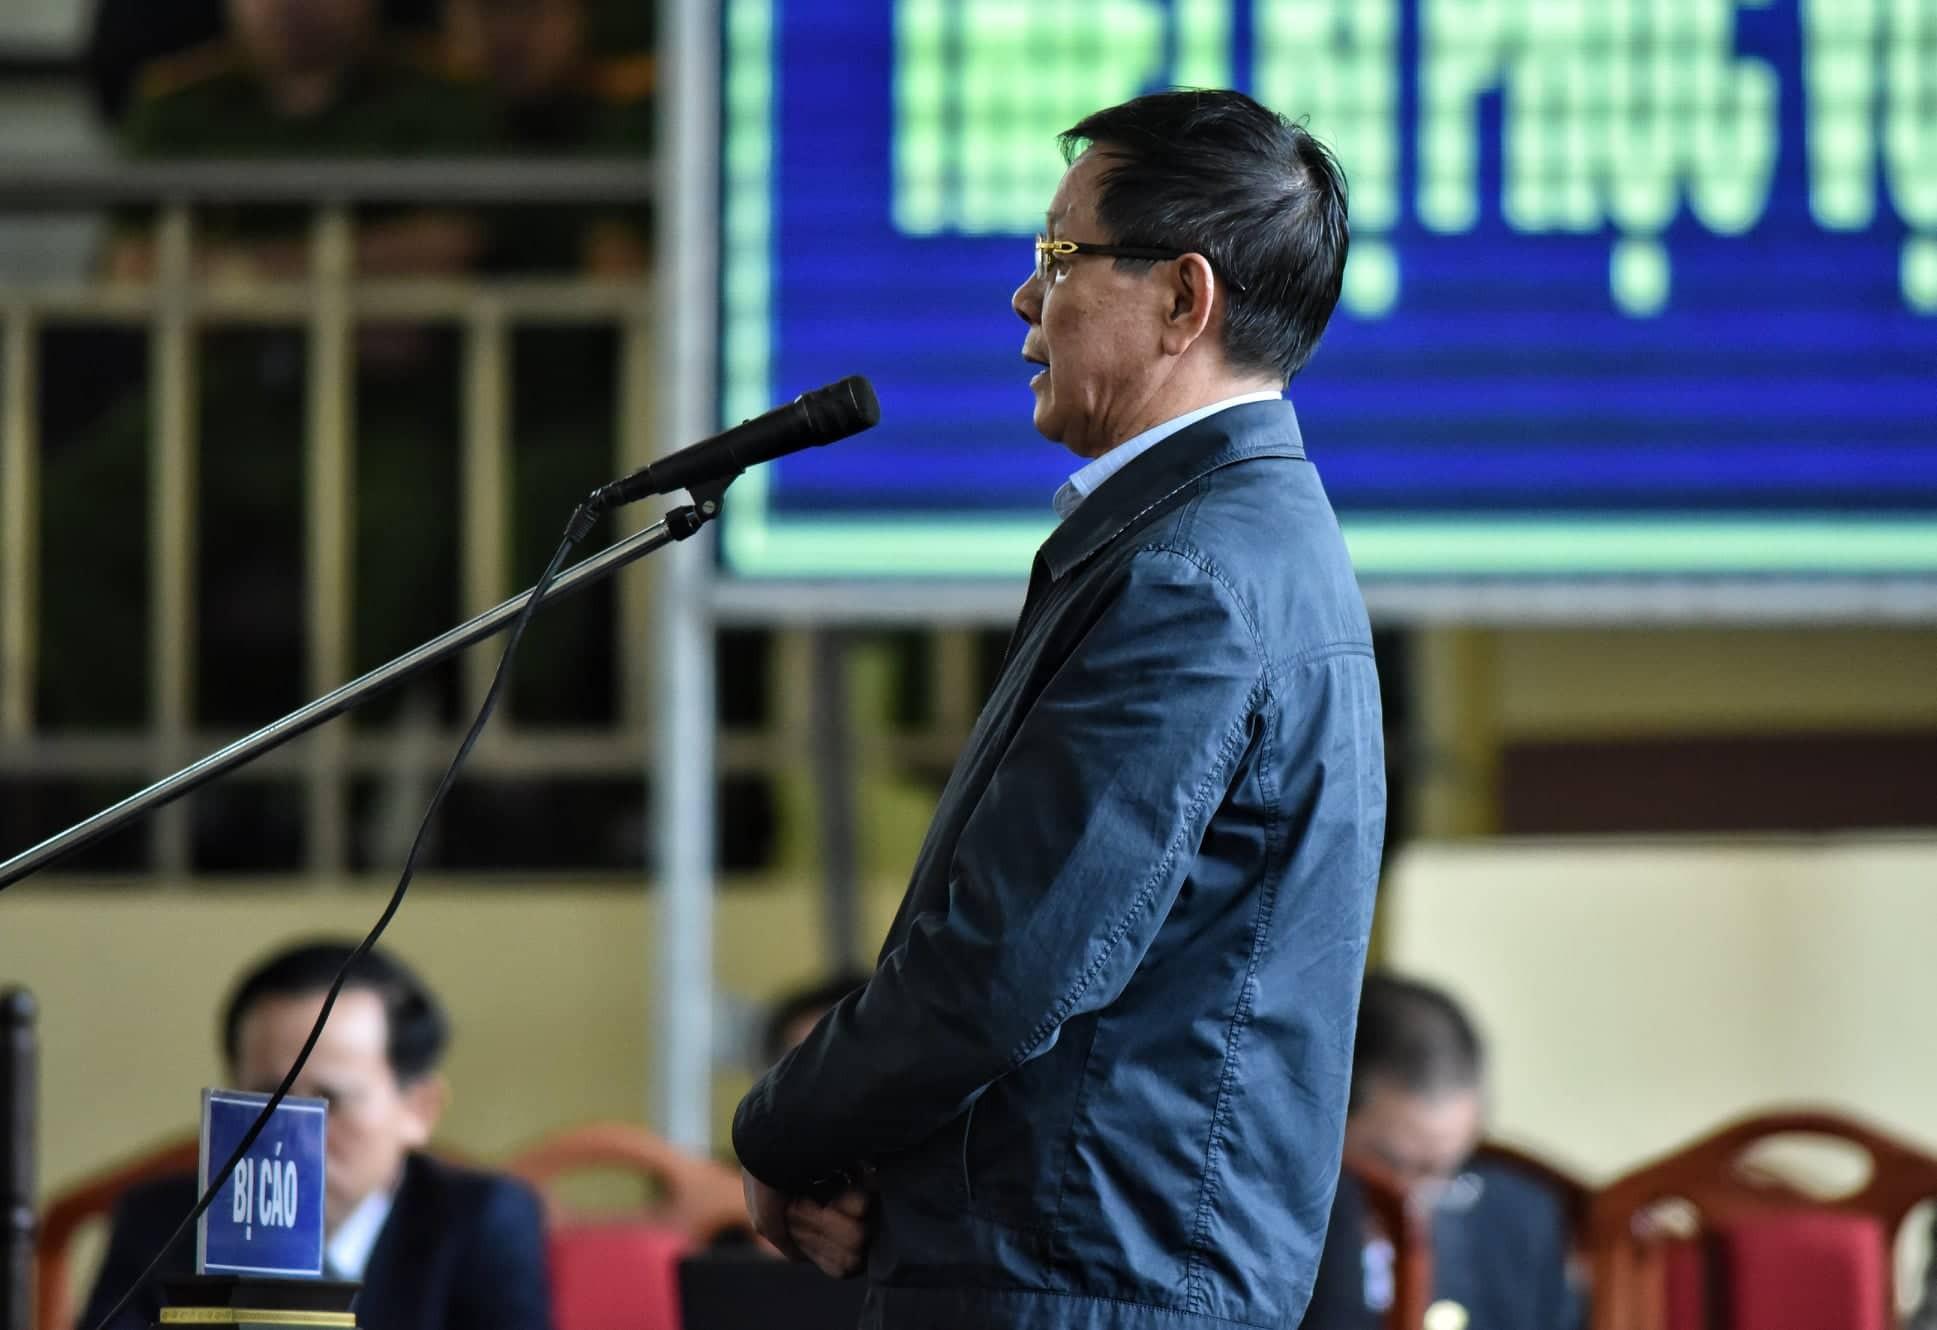 Ông Phan Văn Vĩnh: Bận nhiều án giết người nên chậm báo vụ đánh bạc - Ảnh 1.